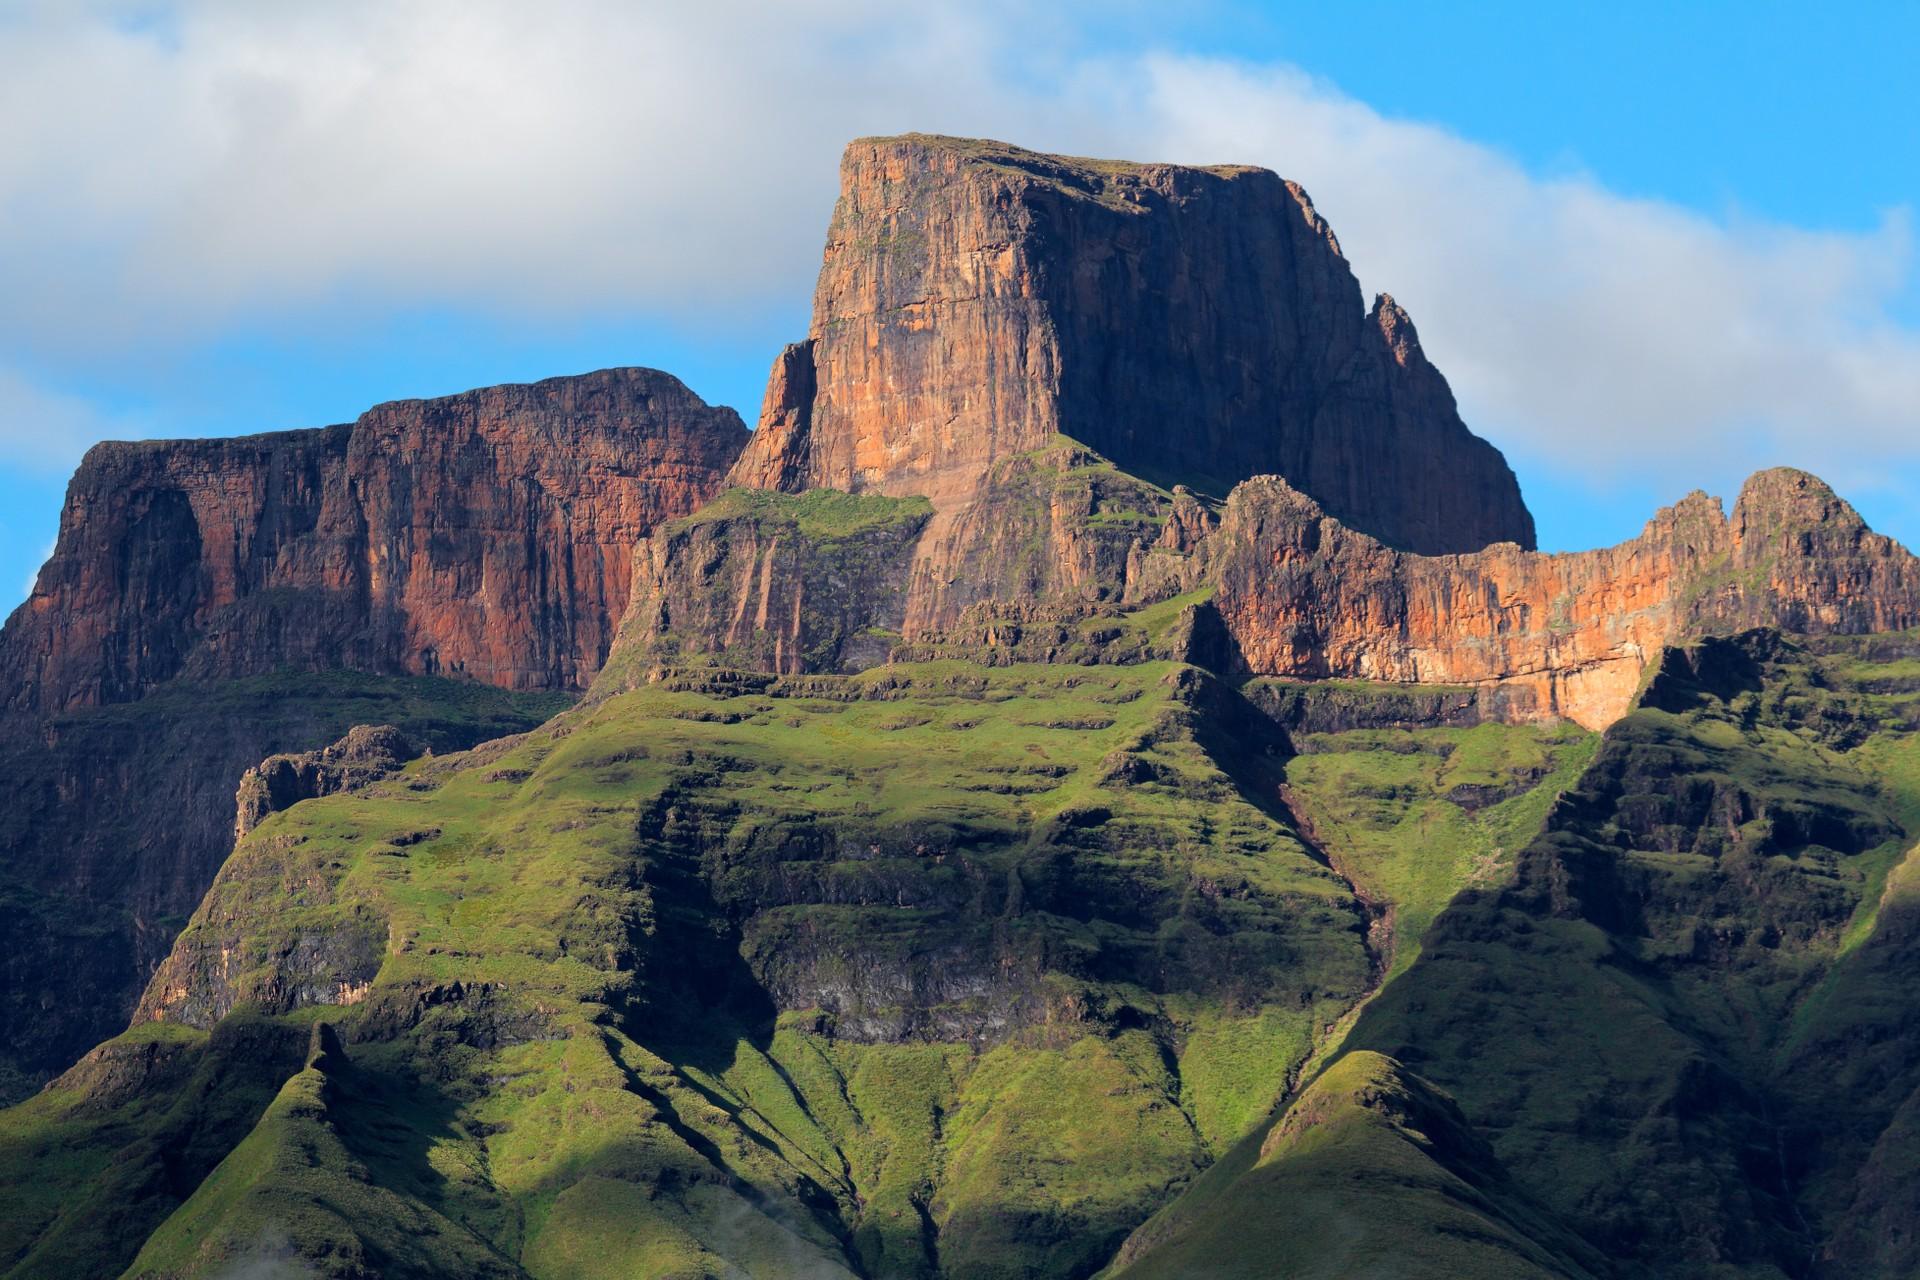 The Sentinal Peak, Drakensberg, South Africa